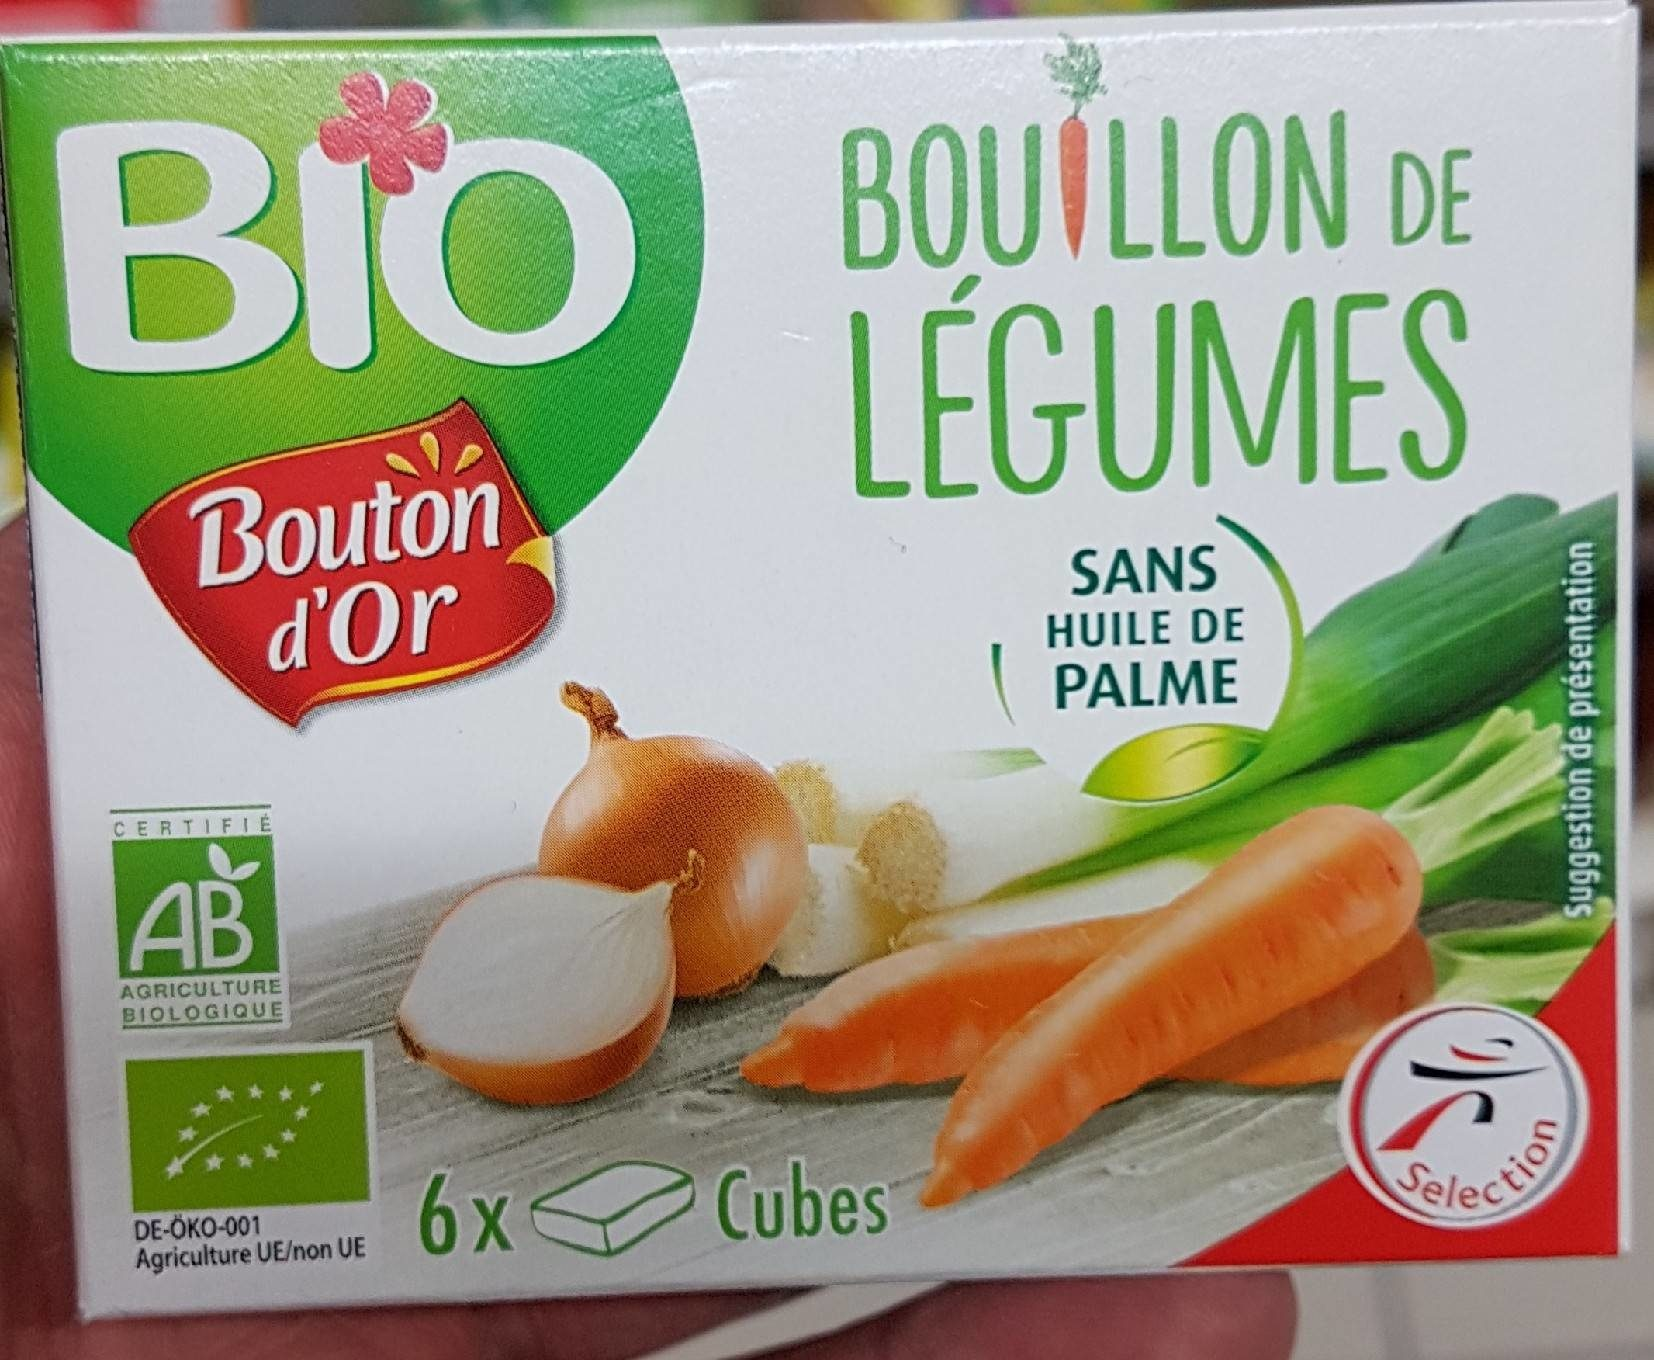 Bouillon de légumes - Product